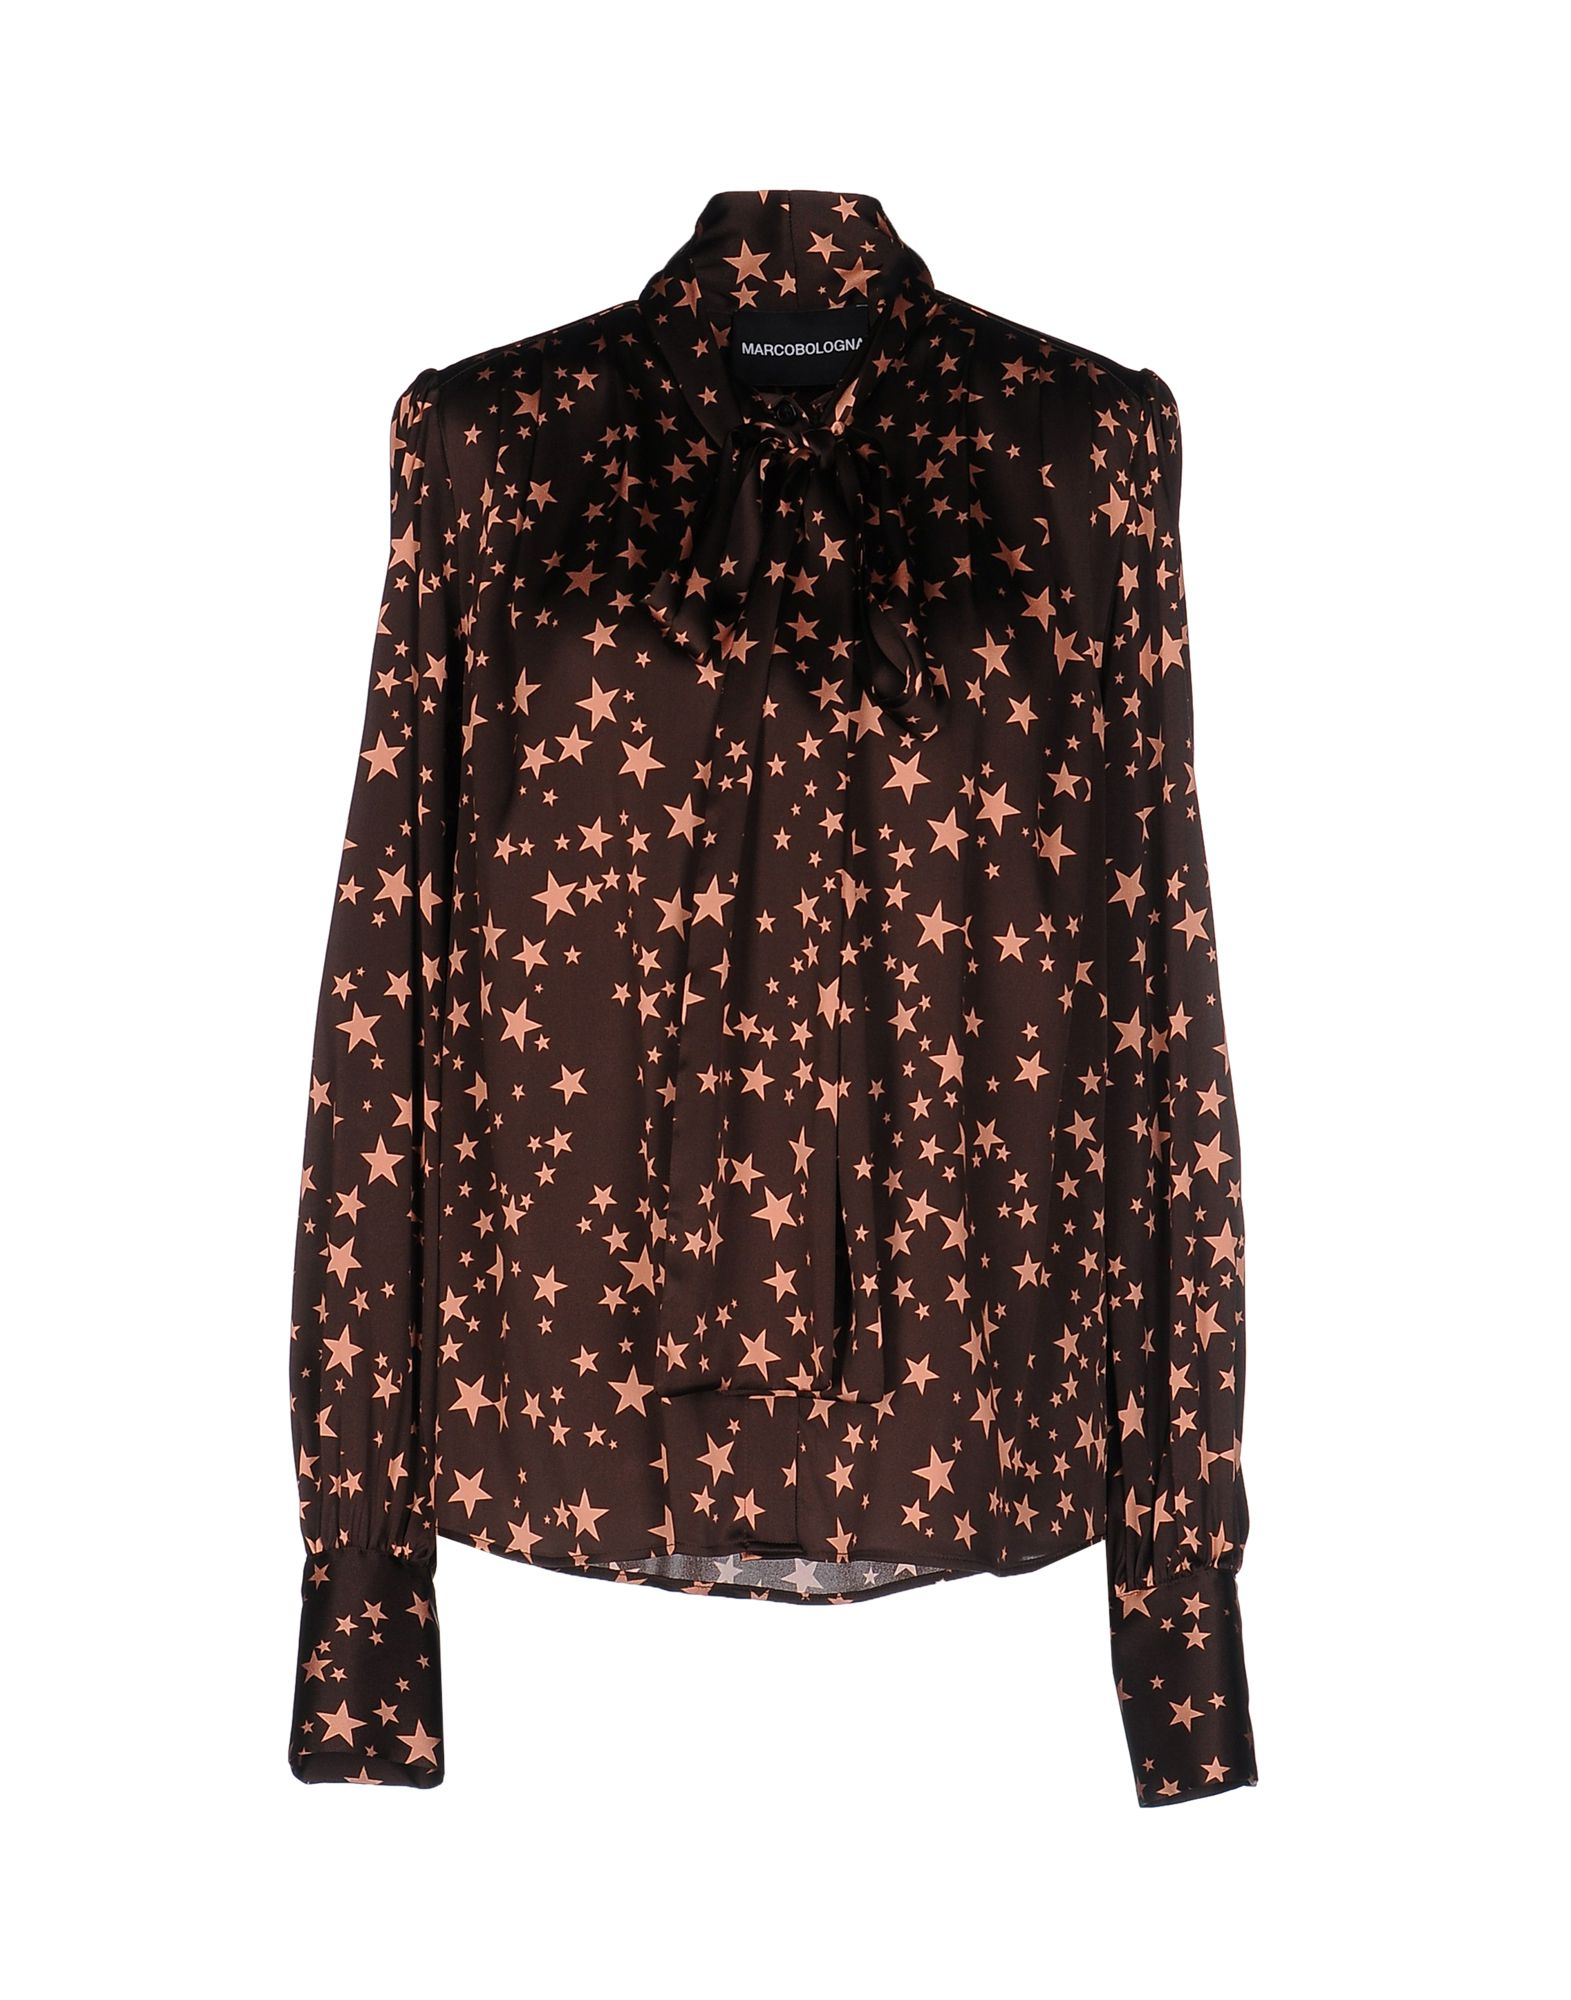 La camicia con le stelle